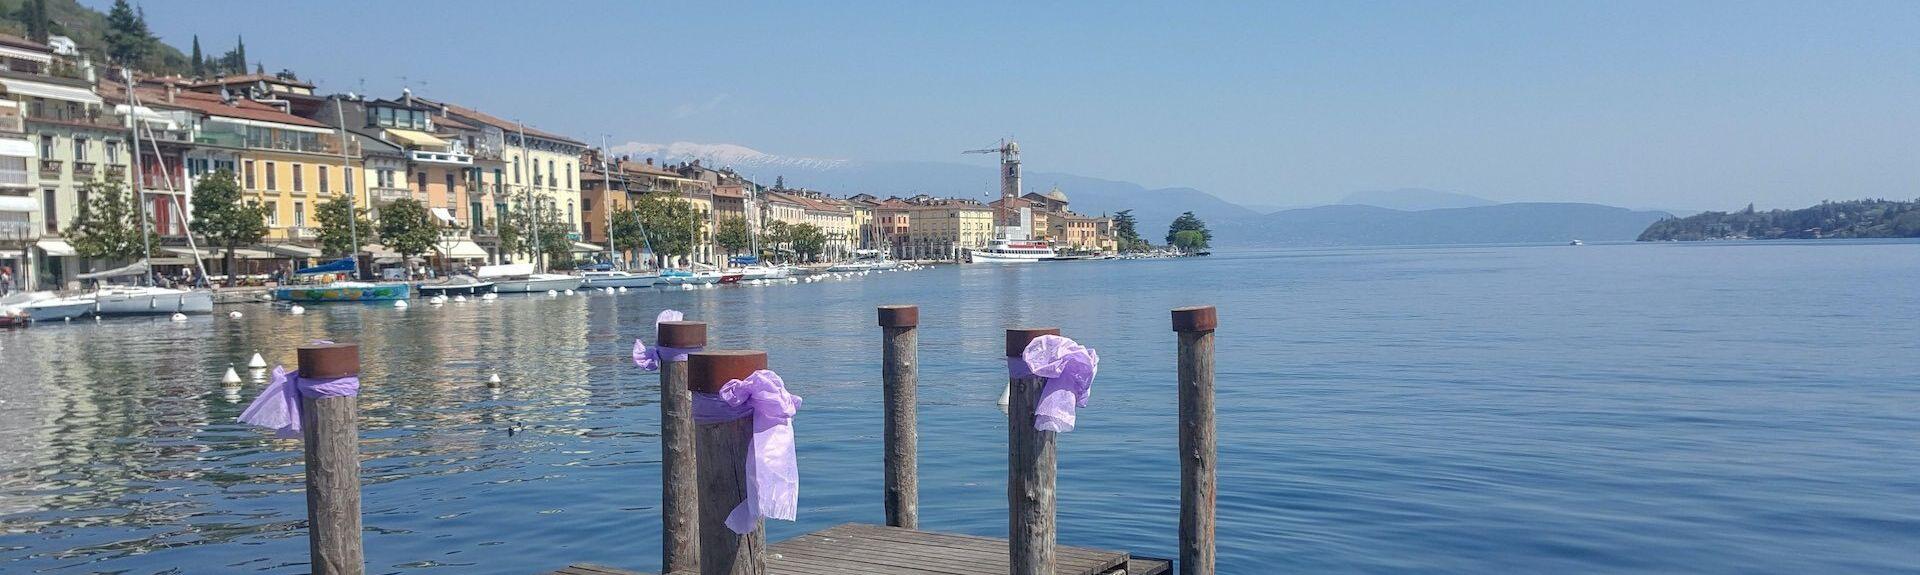 Provinz Brescia, Lombardei, Italien